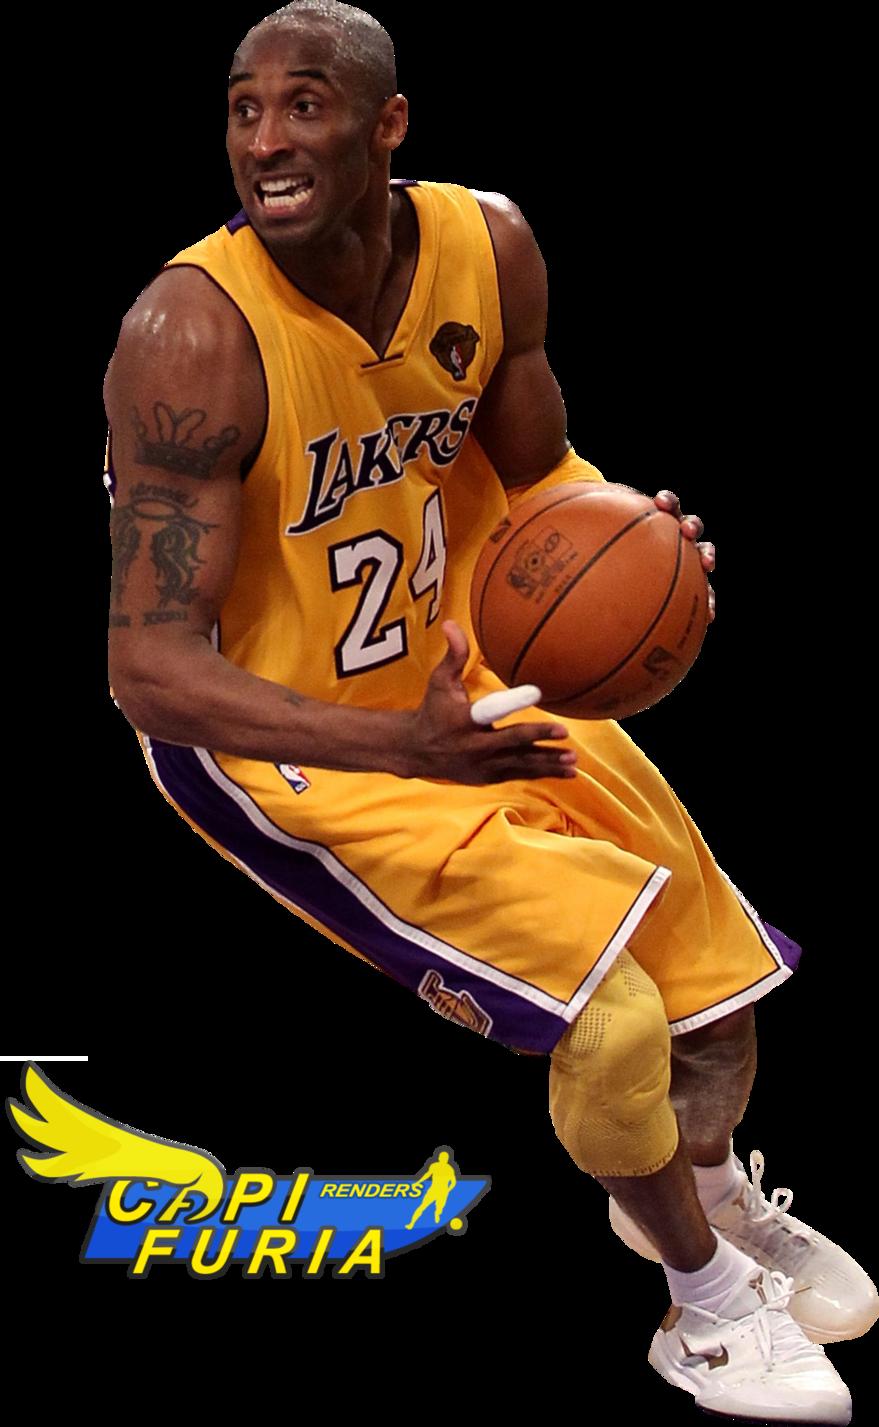 Kobe Bryant Photo Kobebryant - Kobe Bryant 2000 Transparent (879x1427), Png Download